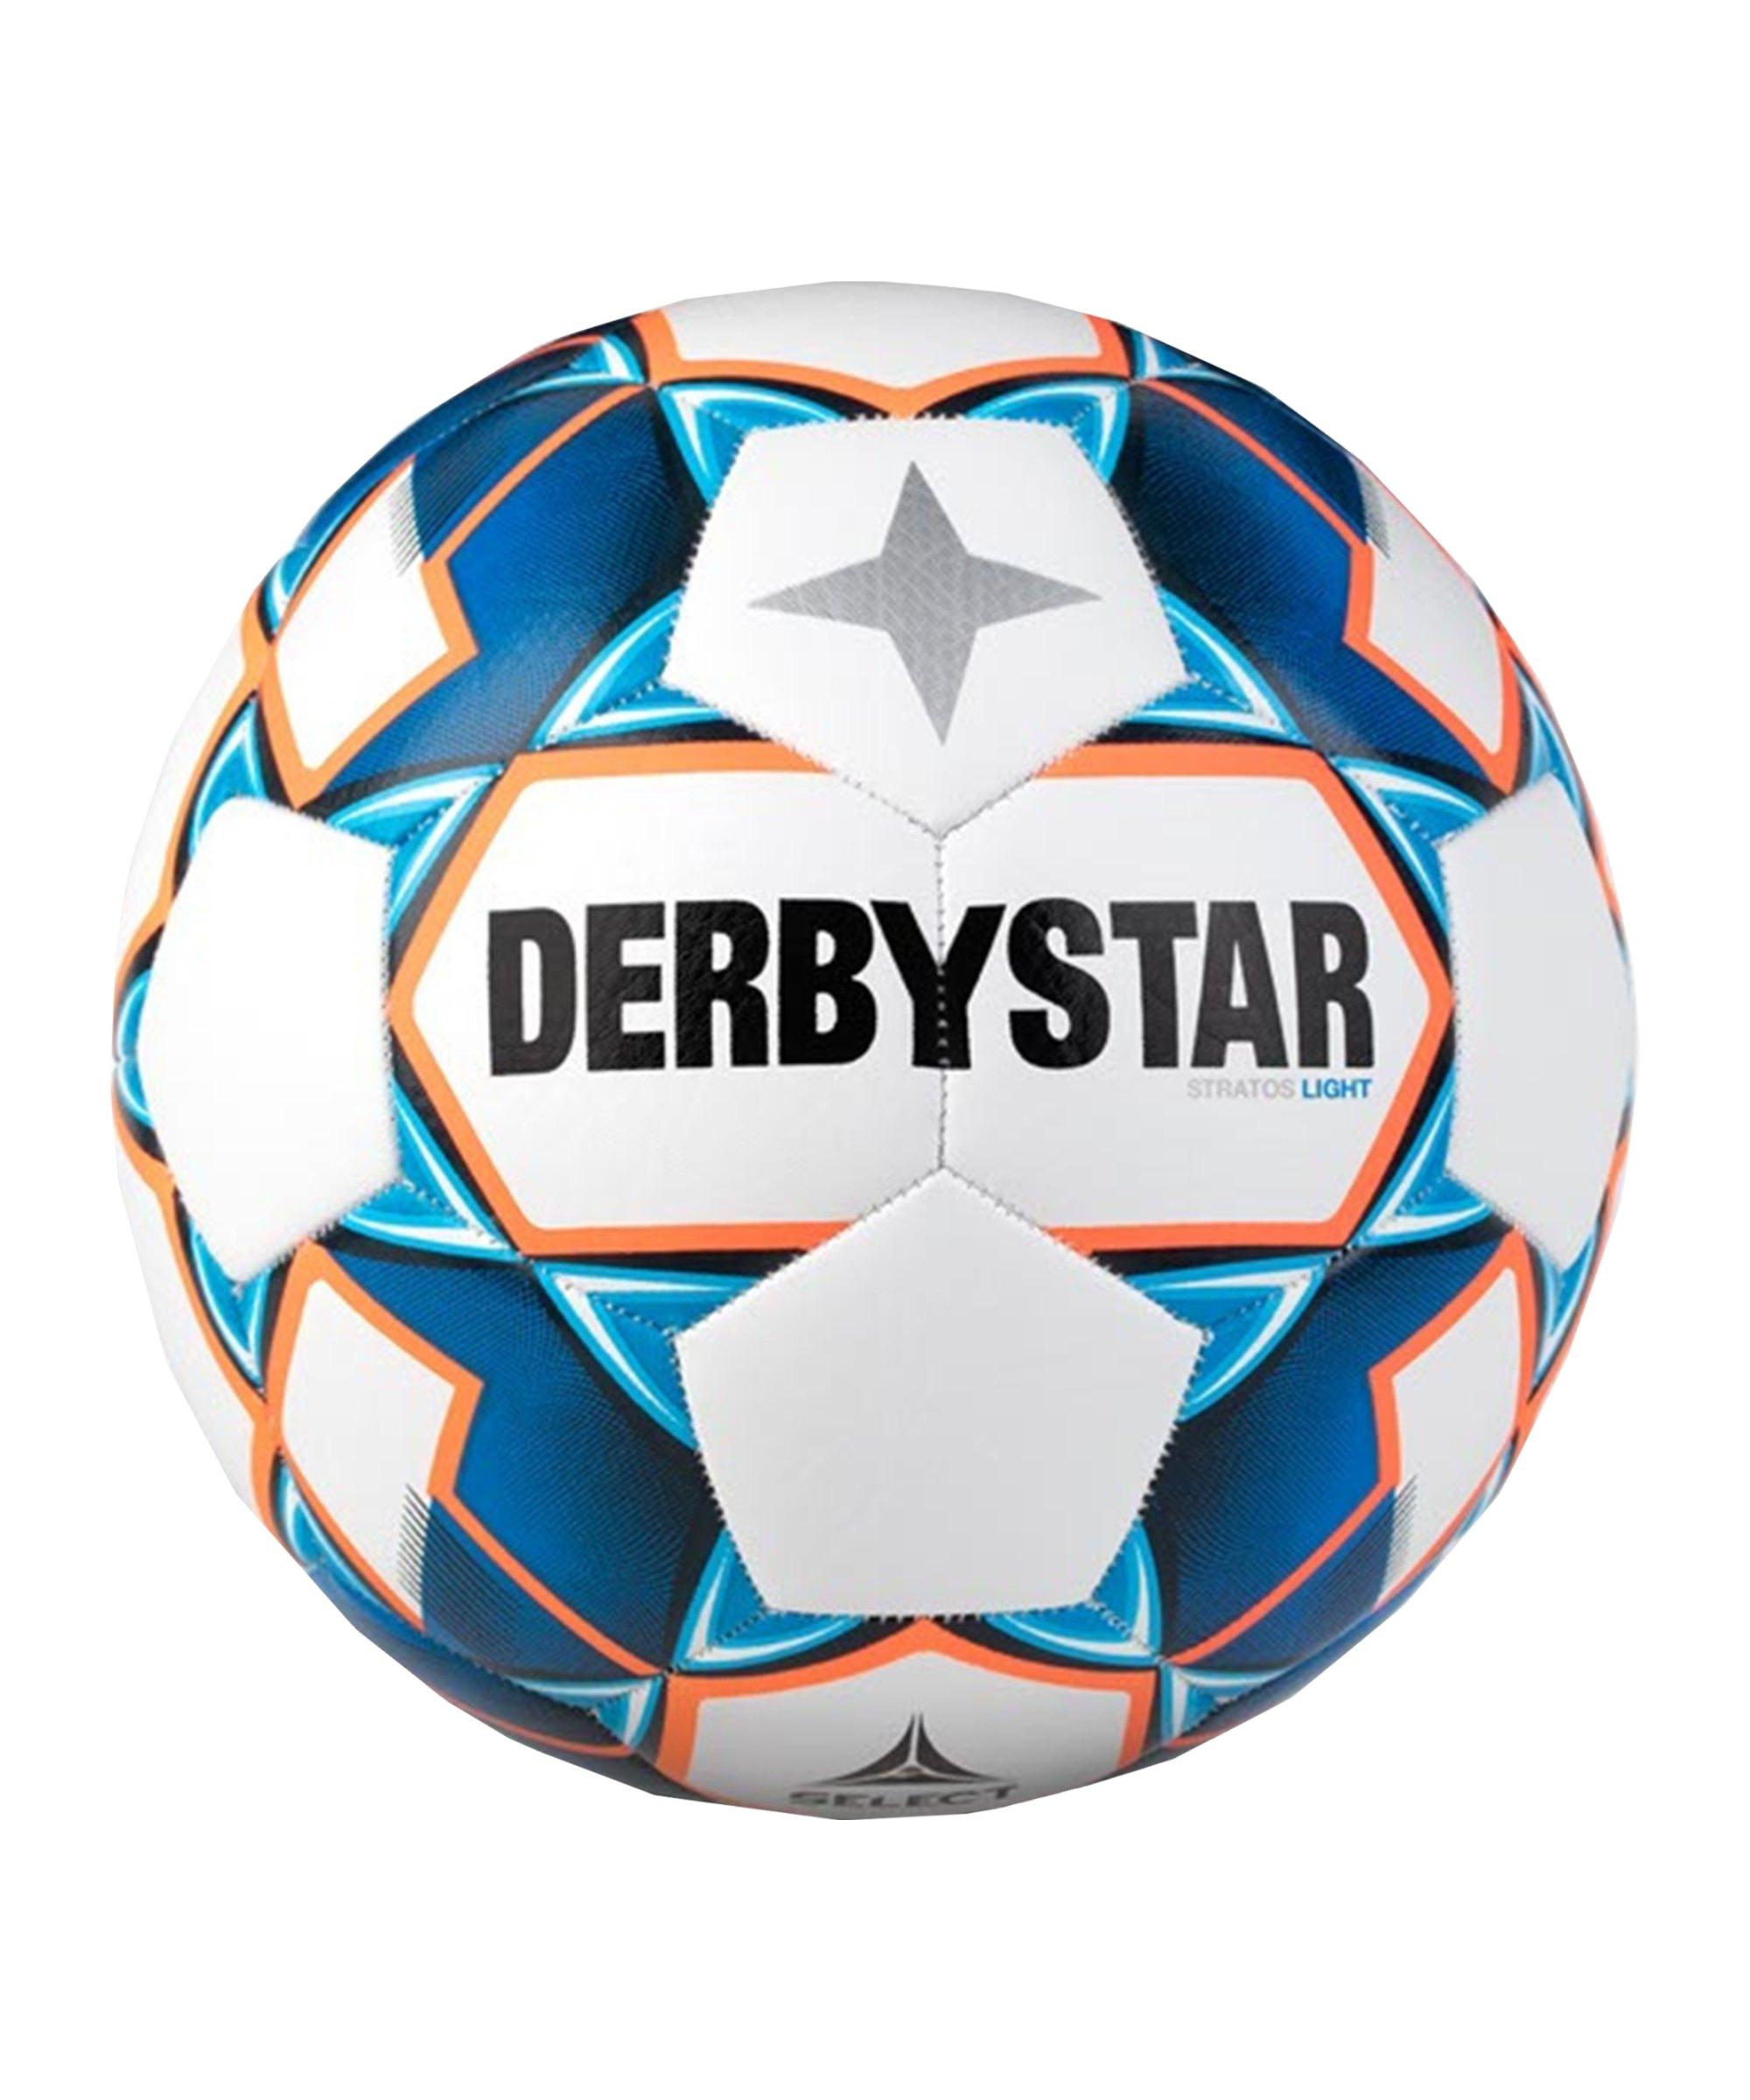 Derbystar Stratos Lightball v20 350 Gramm F167 - weiss